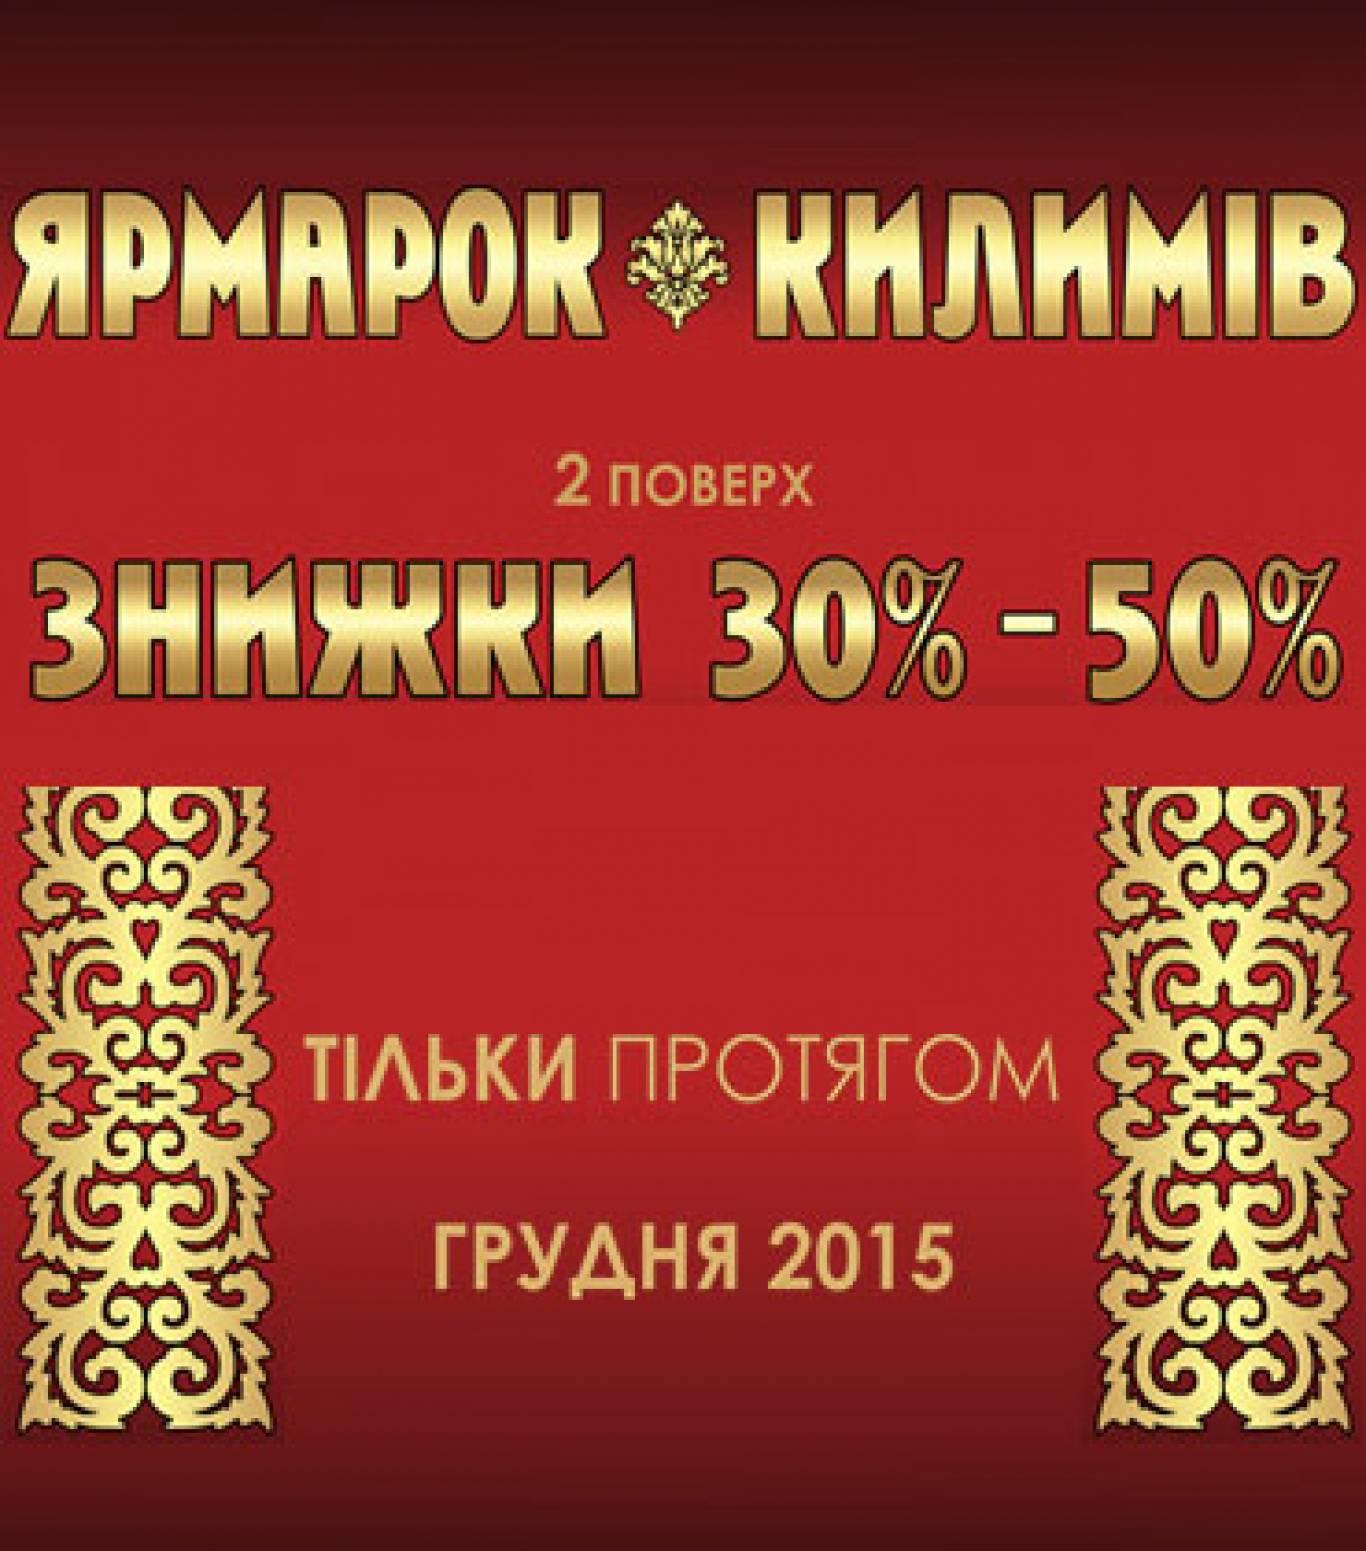 Новорічний ярмарок килимів. Знижки 30%-50%!